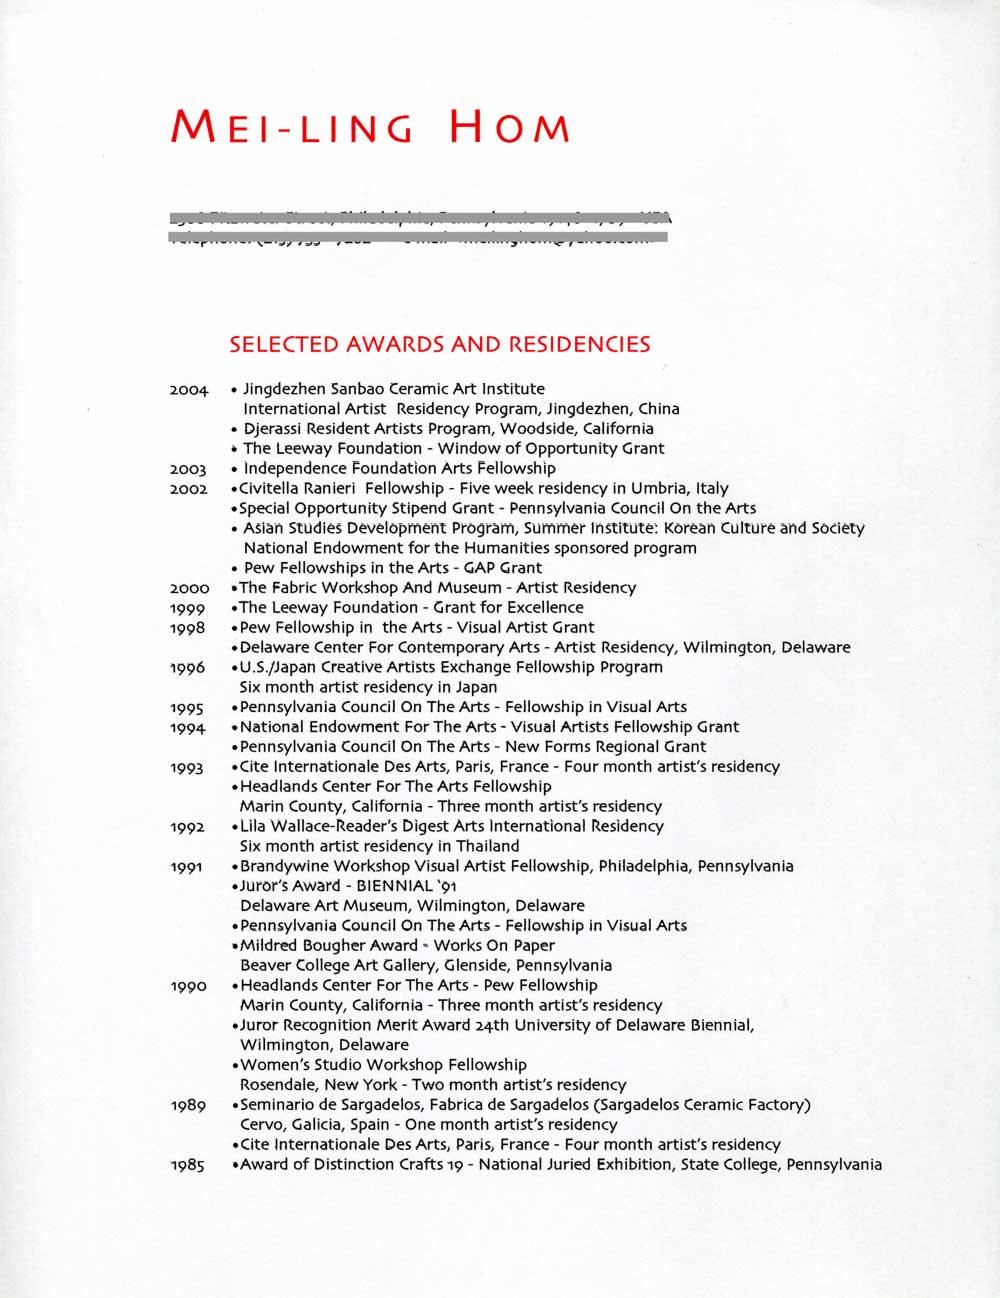 Mei-Ling Hom's Resume, pg 1